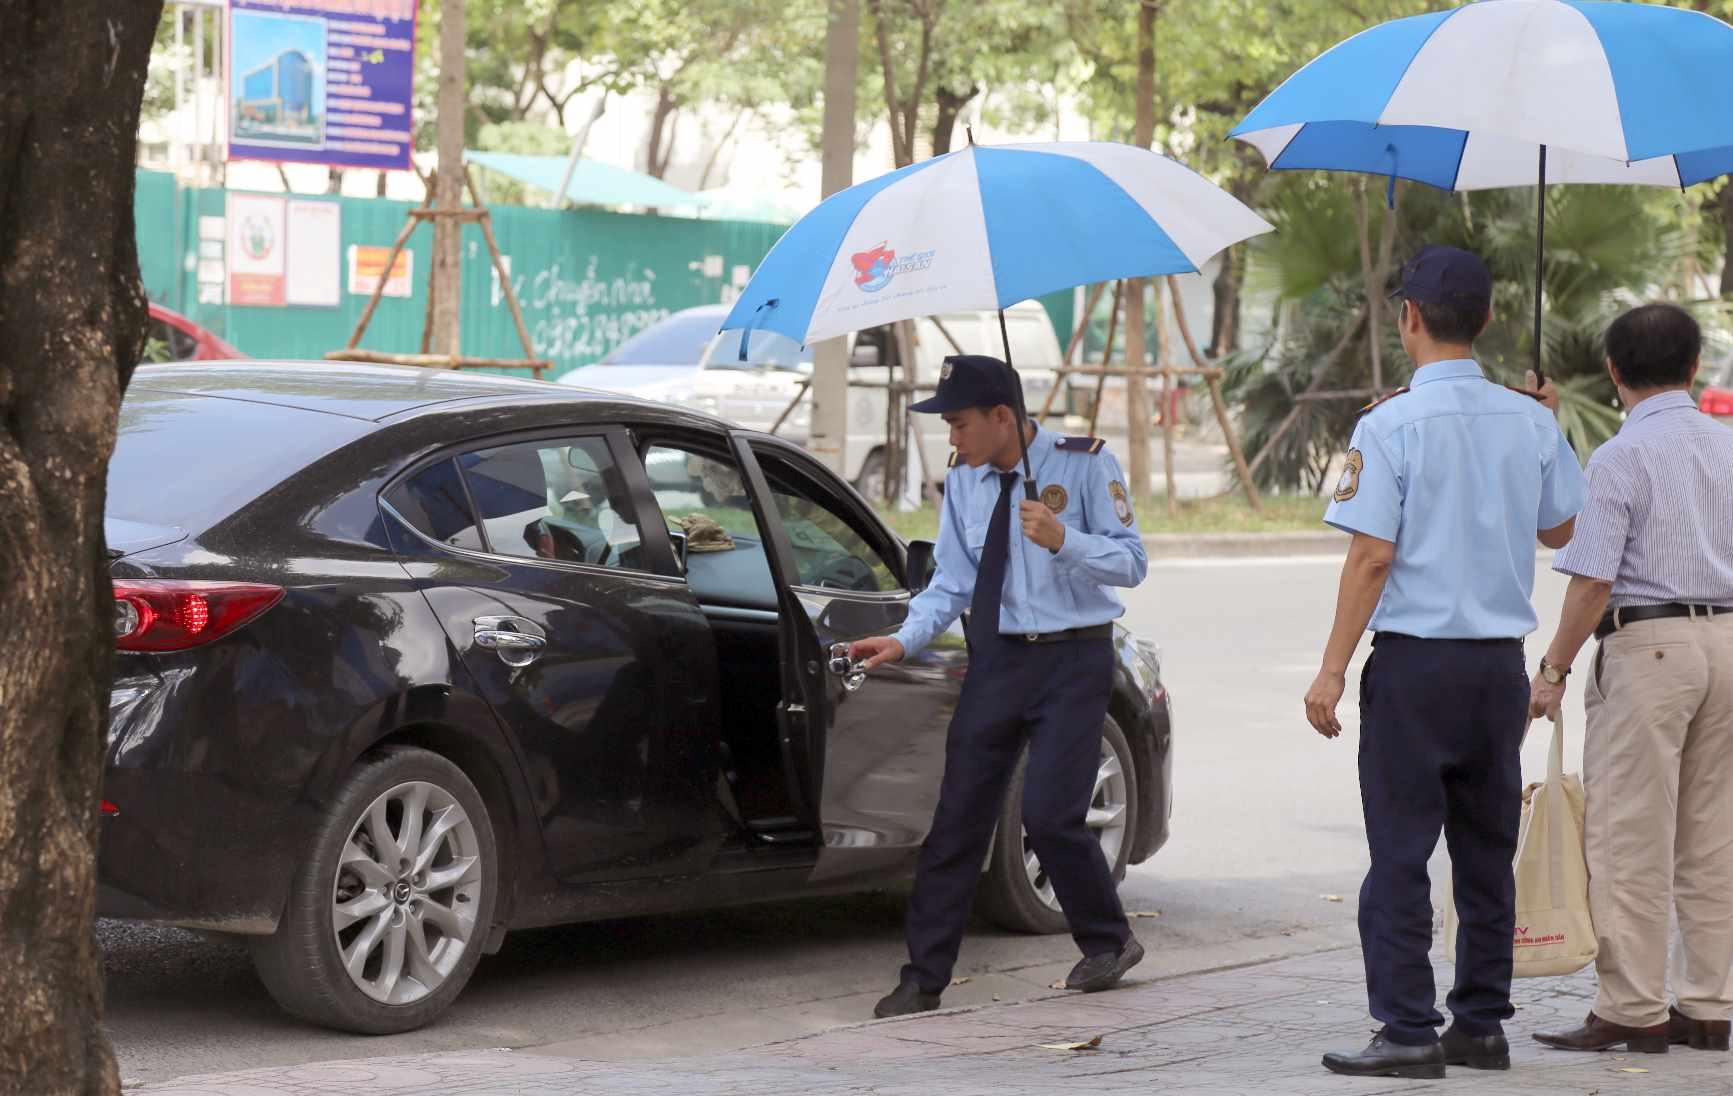 Dịch vụ bảo vệ chuyên nghiệp Thiên Binh